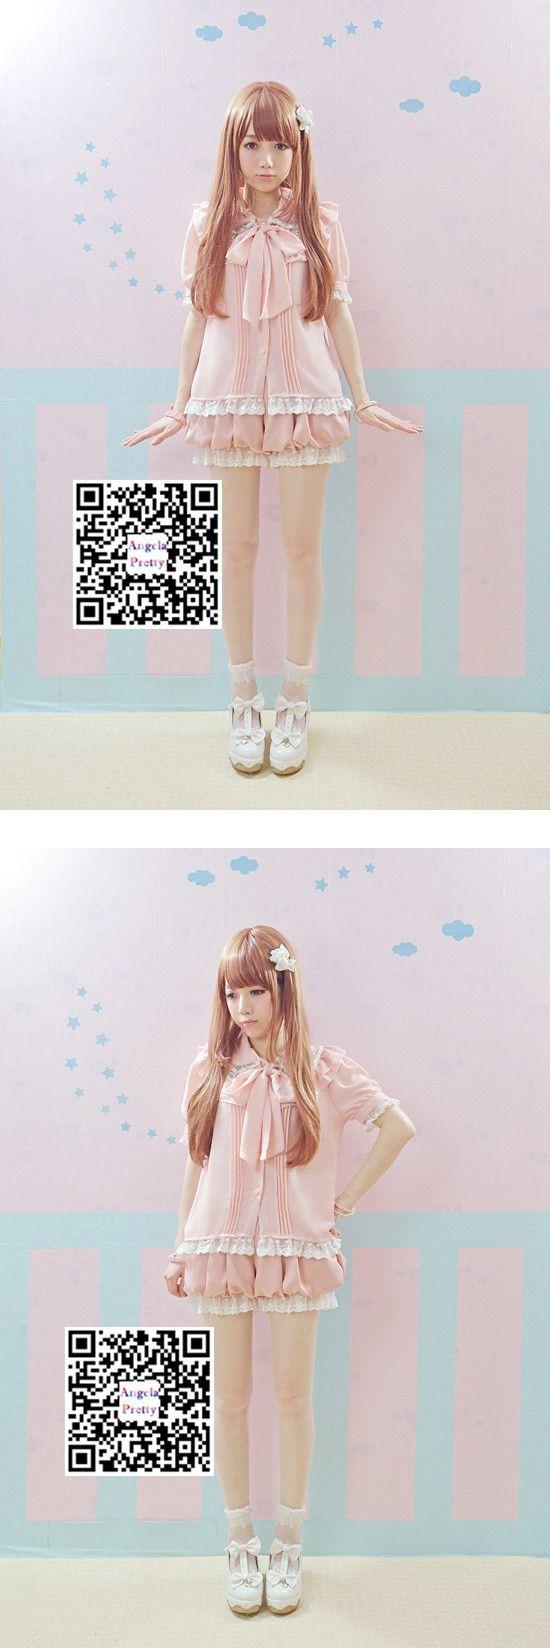 Aliexpress.com: Compre Preto / rosa macacão de verão 2015 babados de renda duplo lanterna Suspender Shorts Lolita Casual geral macacão bonito de confiança beachwear calções fornecedores em PRO-G DEAL